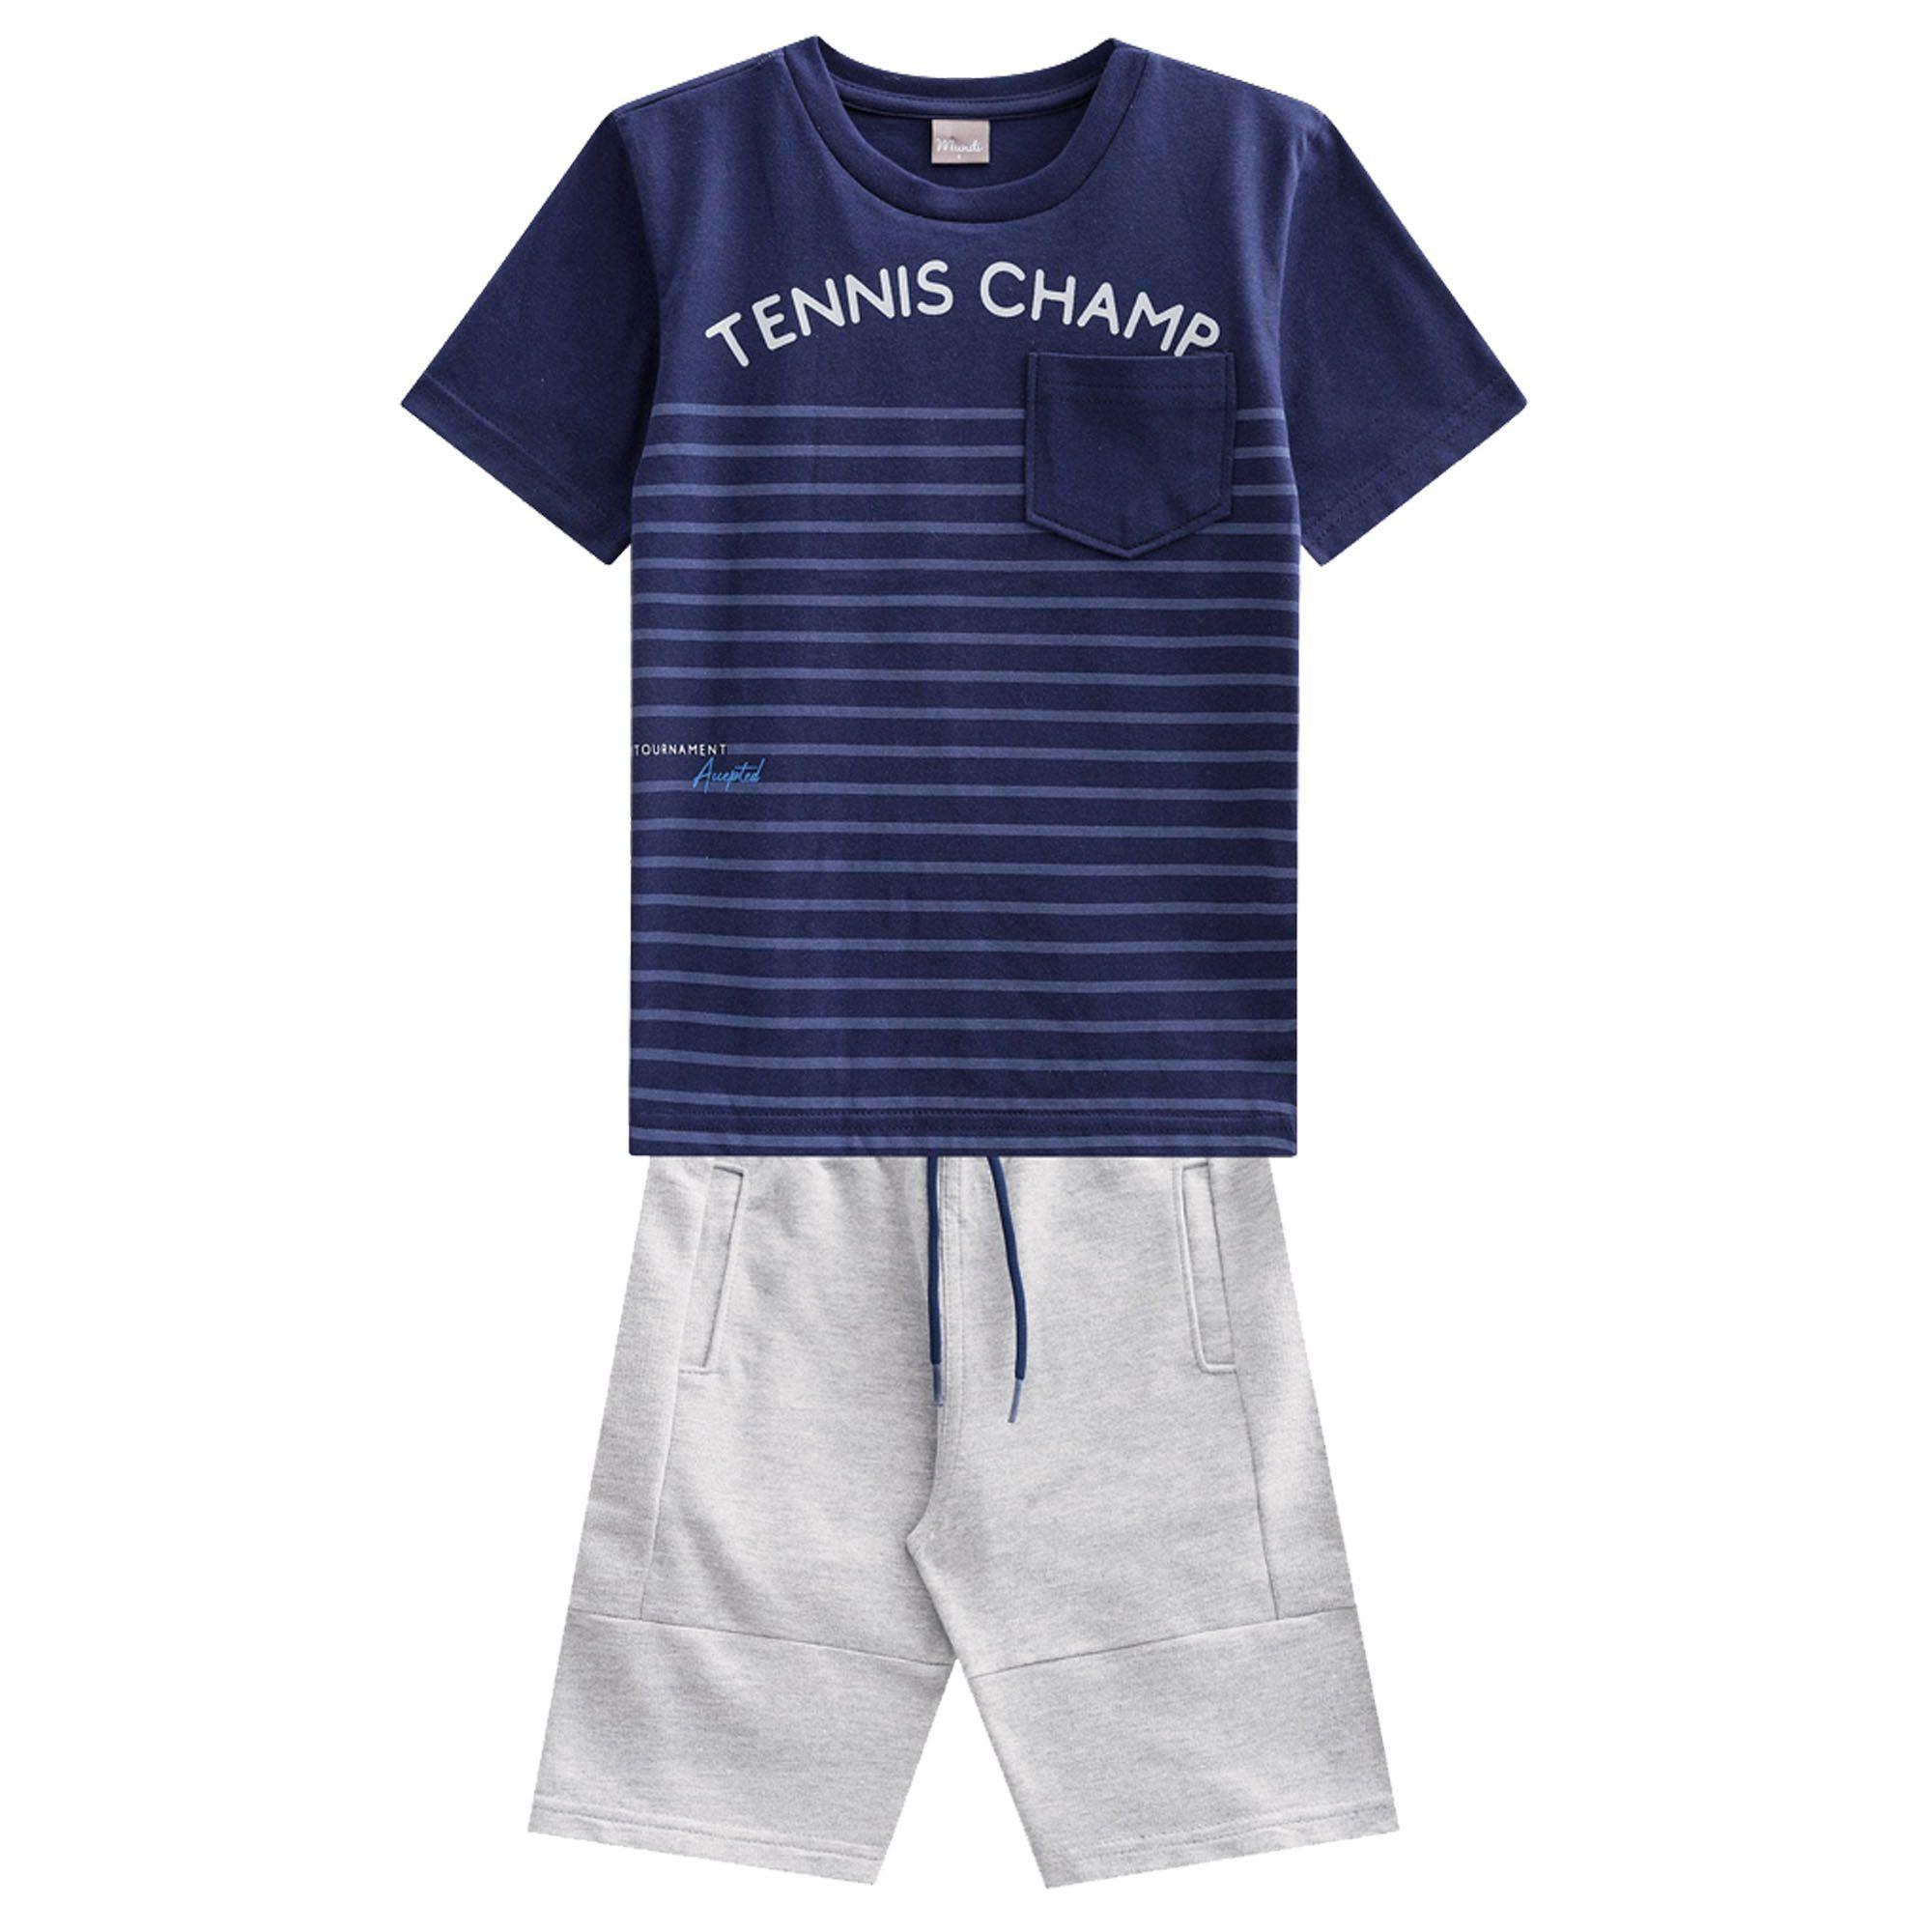 Conjunto Verão Brandili Mundi Camiseta Tennis Champ com Bermuda Moletinho - 4 ao 10